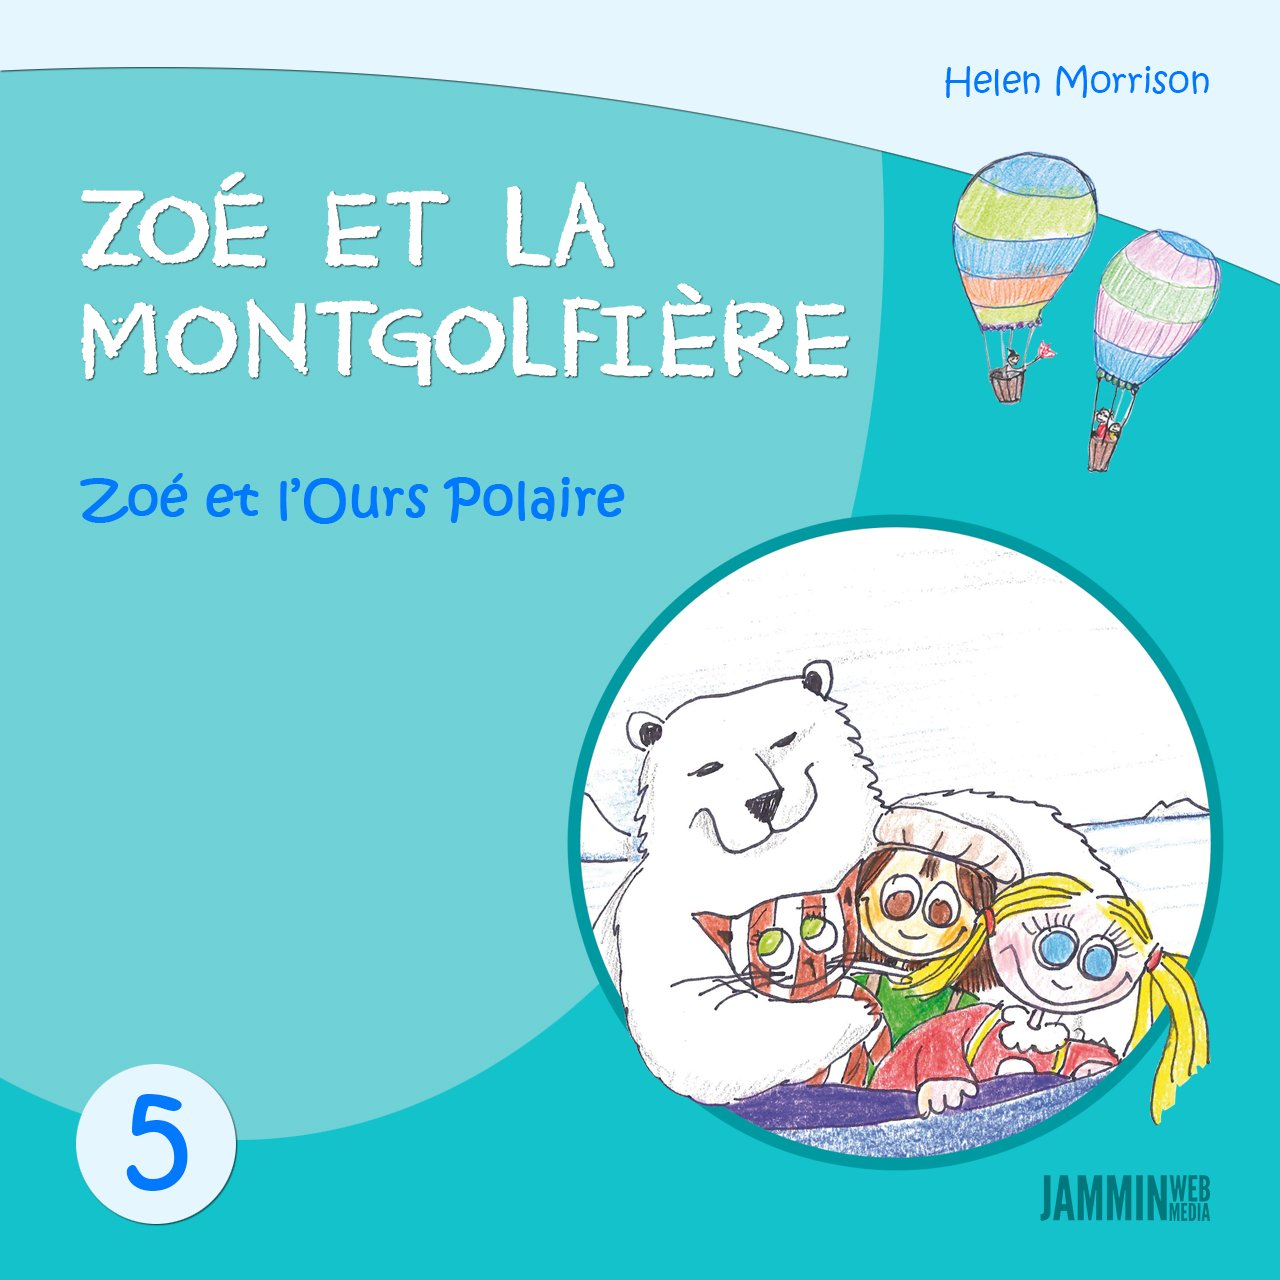 Livres pour enfants: Zoé et l'Ours Polaire: Zoé et la Montgolfière (Livres pour enfants, enfant, enfant 8 ans, enfant secret, livre pour bébé, bébé, enfant 3 ans, enfant 0 à 3 ans, livres enfants) por Helen Morrison